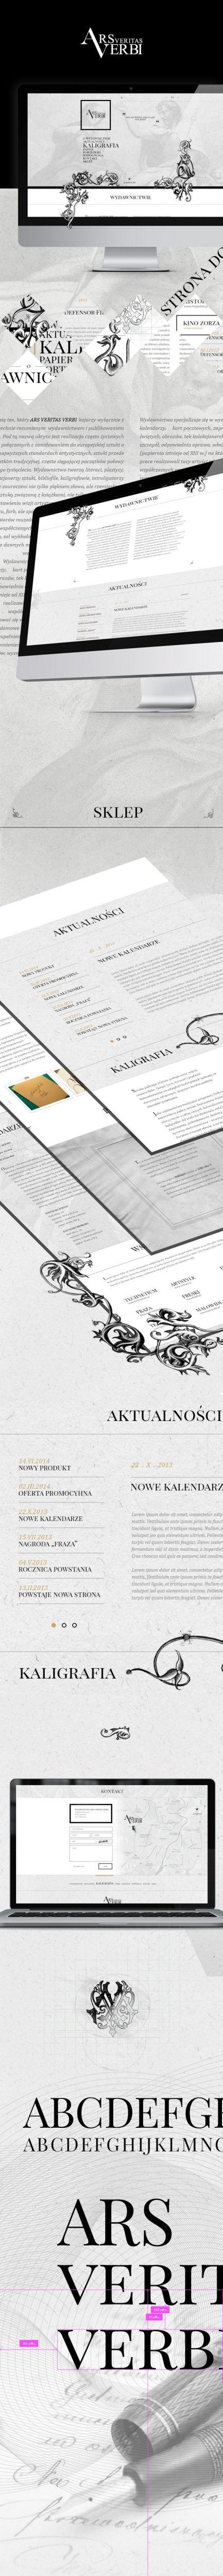 Strona www, projekt graficzny Ars Veritas Verbi internetowe wydawnictwo